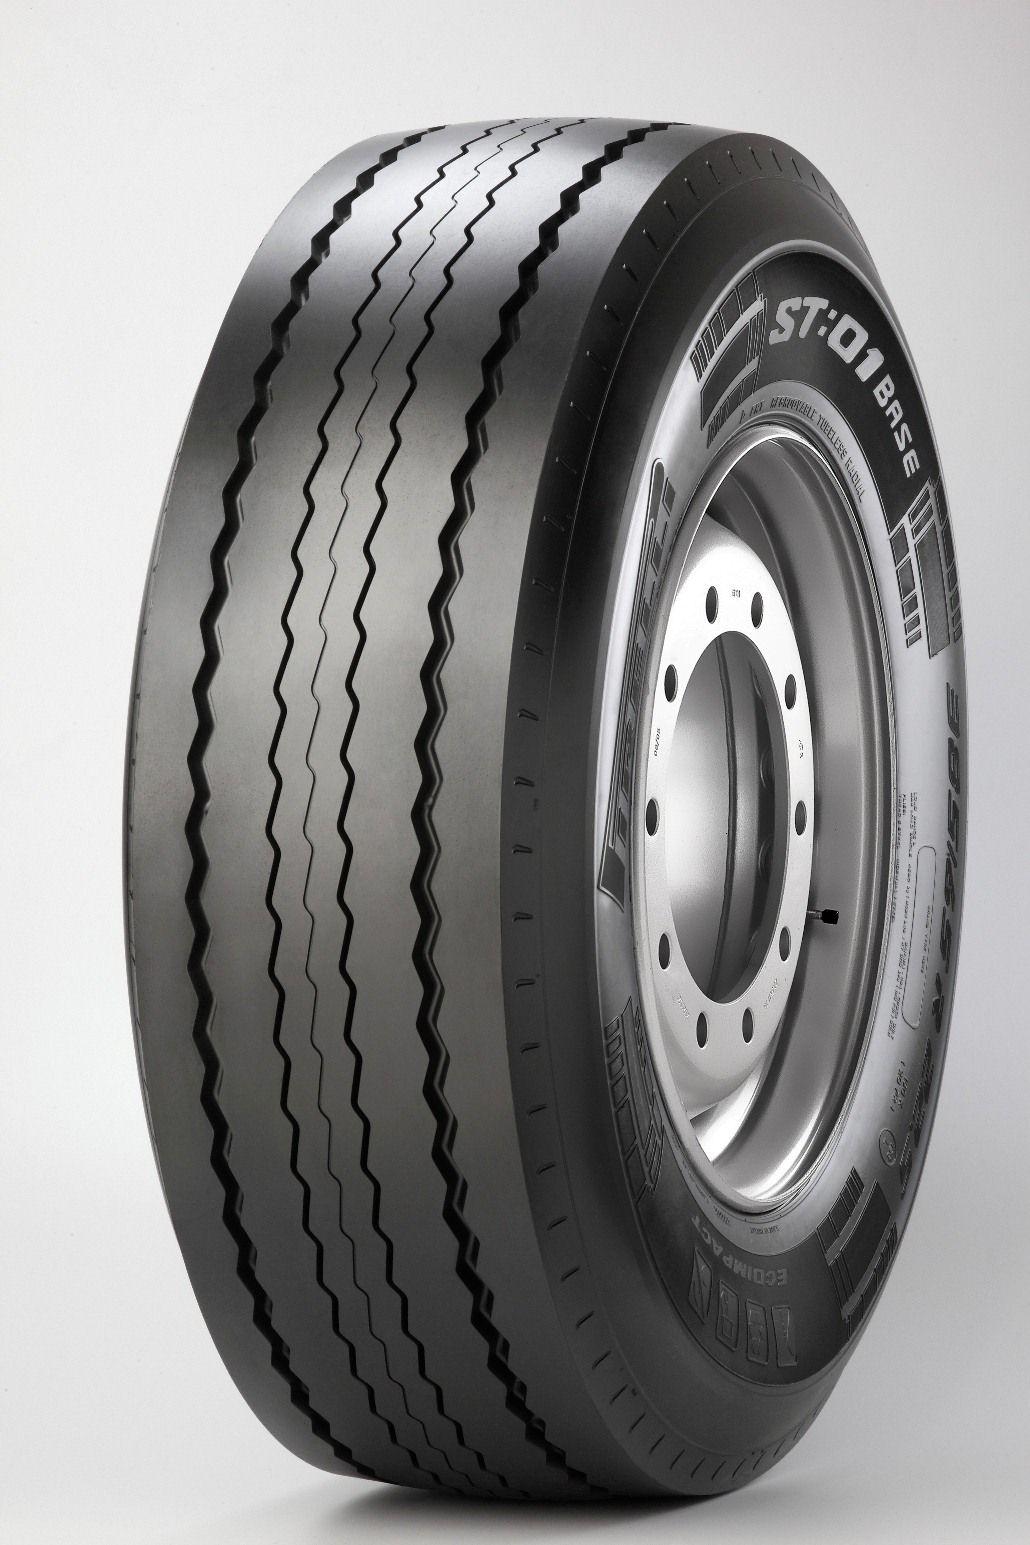 PIRELLI-24570-R-195-01-MS-141140J-FRT-Tehergepkocsi-Pot-gumi